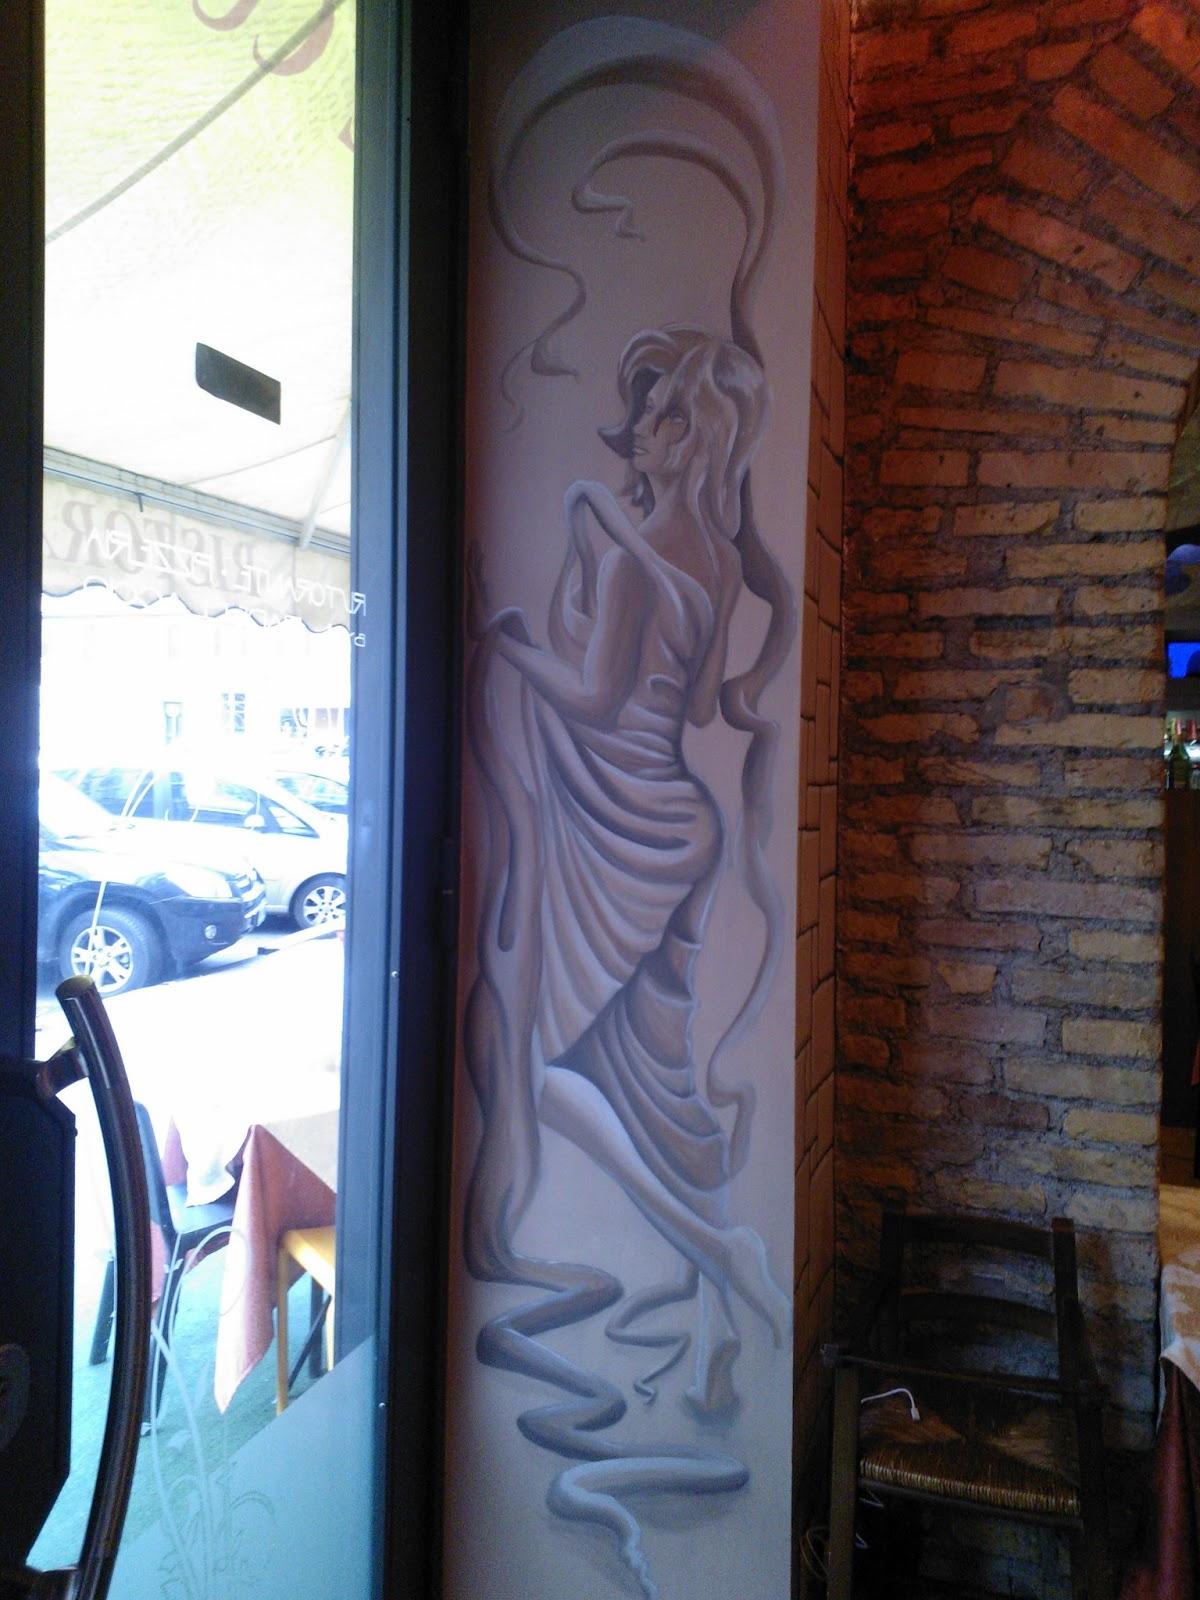 Decorazioni artistiche di francesco ierna decorazioni su pareti e pannelli espositivi - Decorazioni su pareti ...